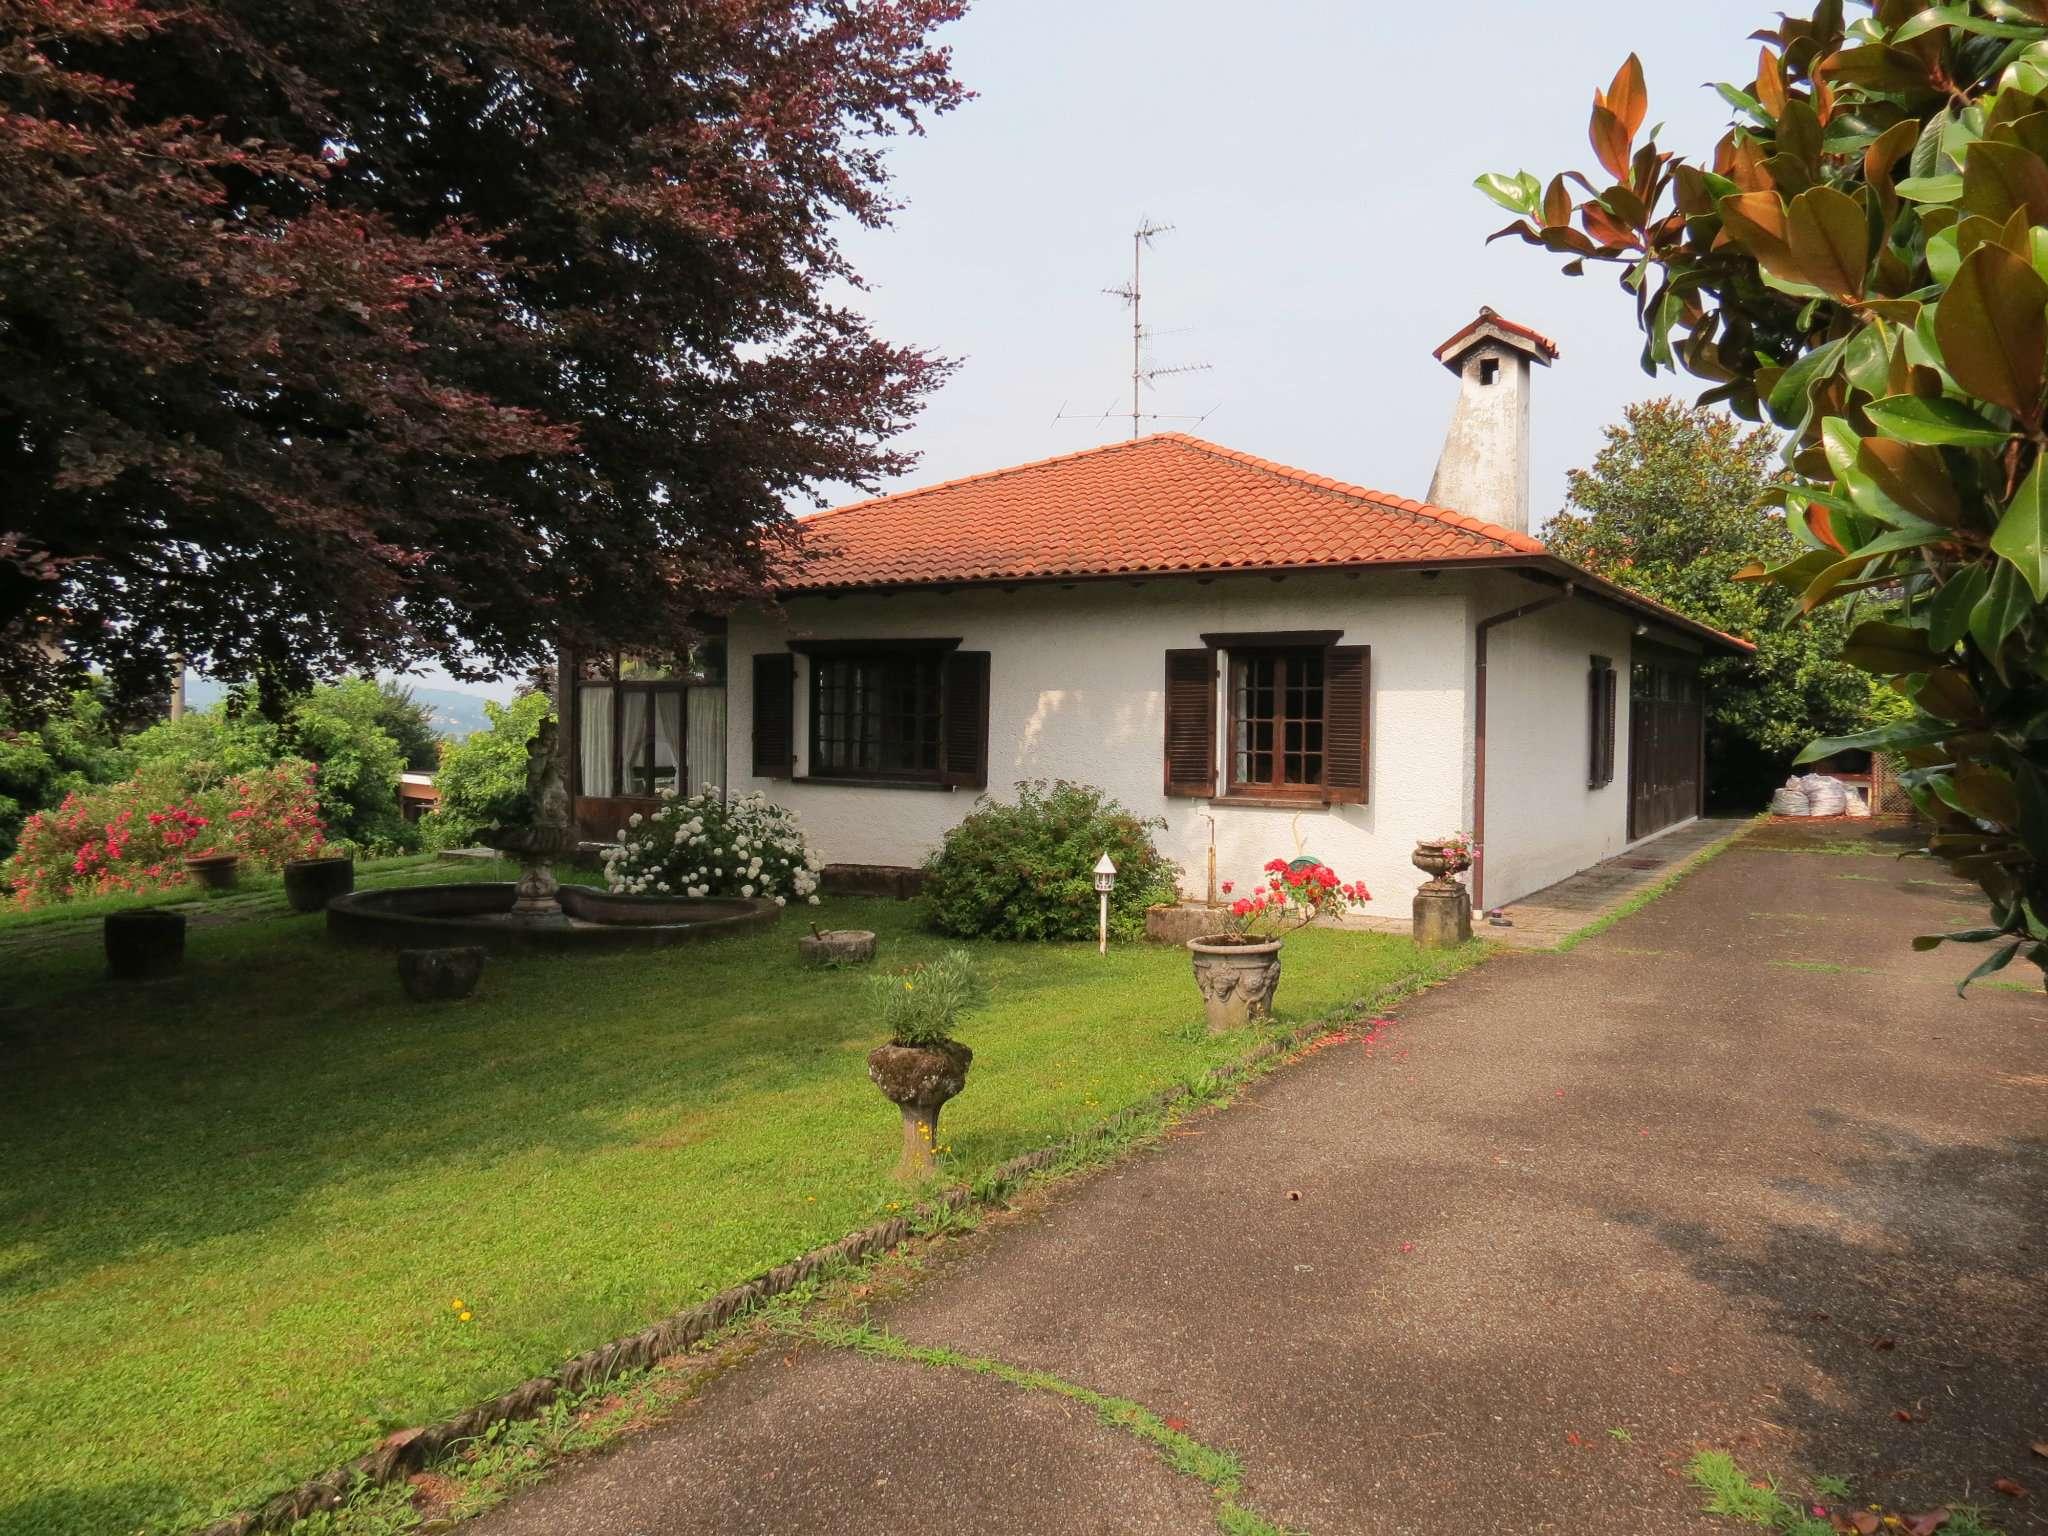 Villa in vendita a Gavirate, 6 locali, prezzo € 400.000 | CambioCasa.it